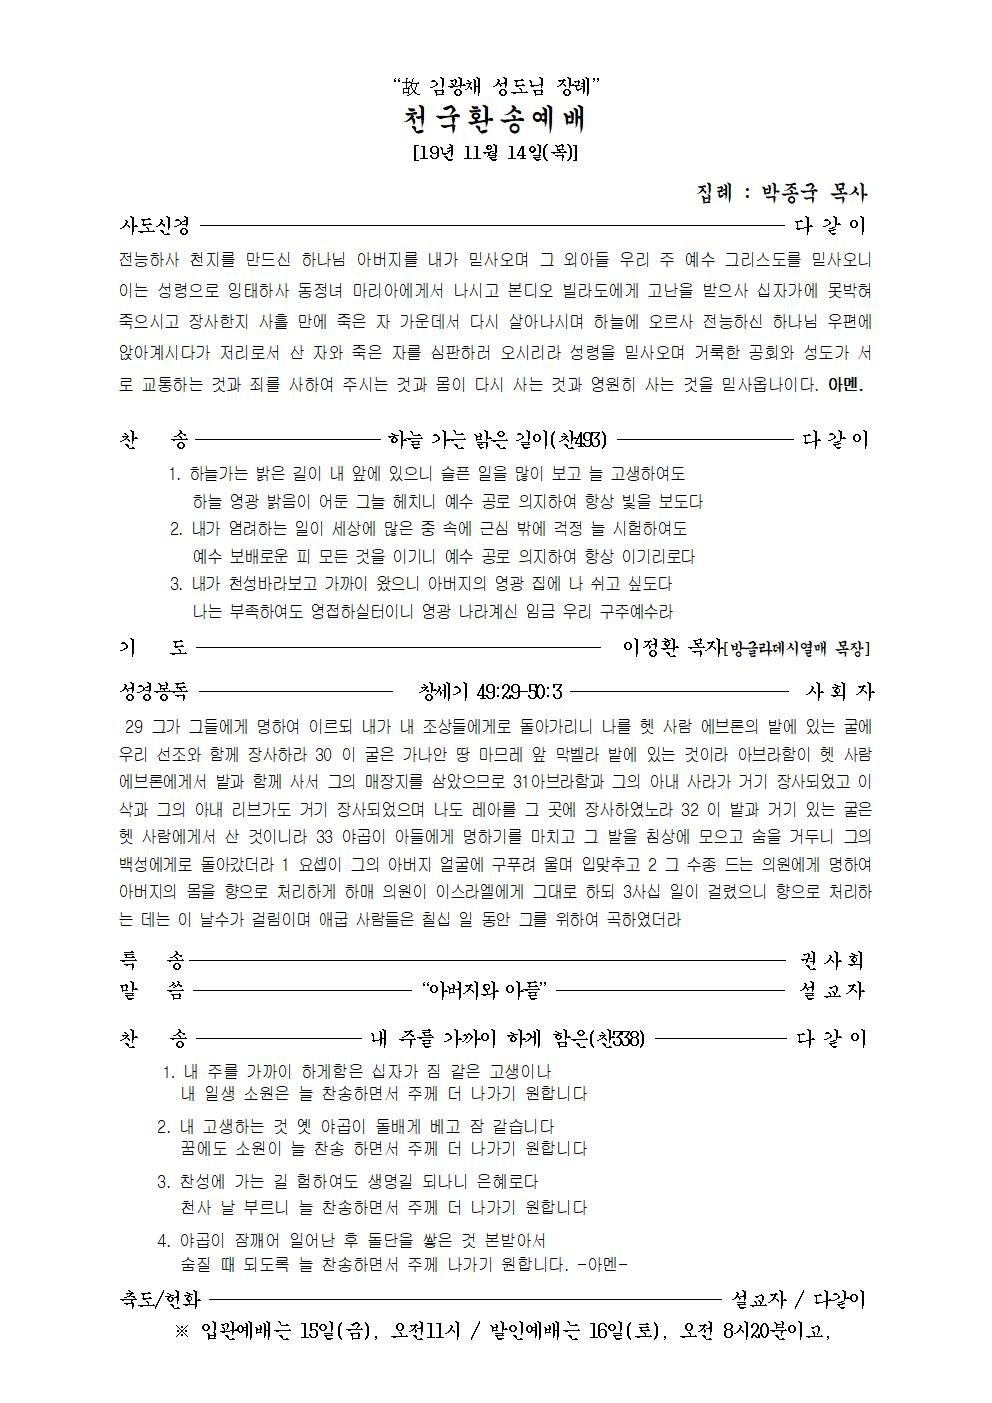 191114_김광채성도님(김종엽형제부친) 천국환송예배001.jpg